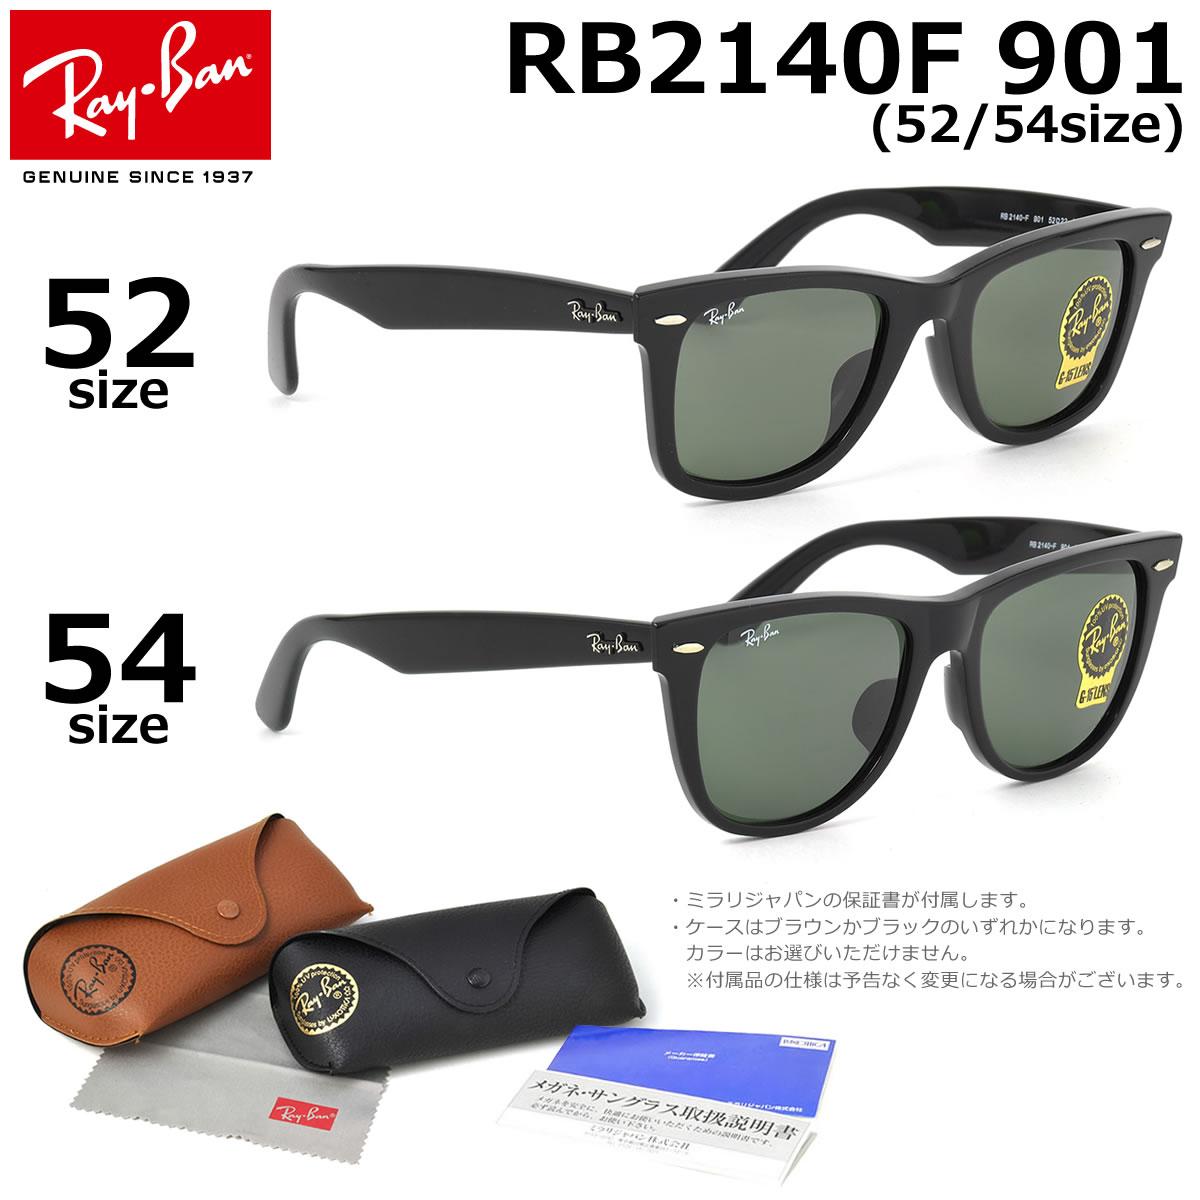 レイバン サングラス ウェイファーラー Ray-Ban RB2140F 901 52サイズ 54サイズレイバン RAYBAN WAYFARER フルフィット ICONS アイコン メンズ レディース